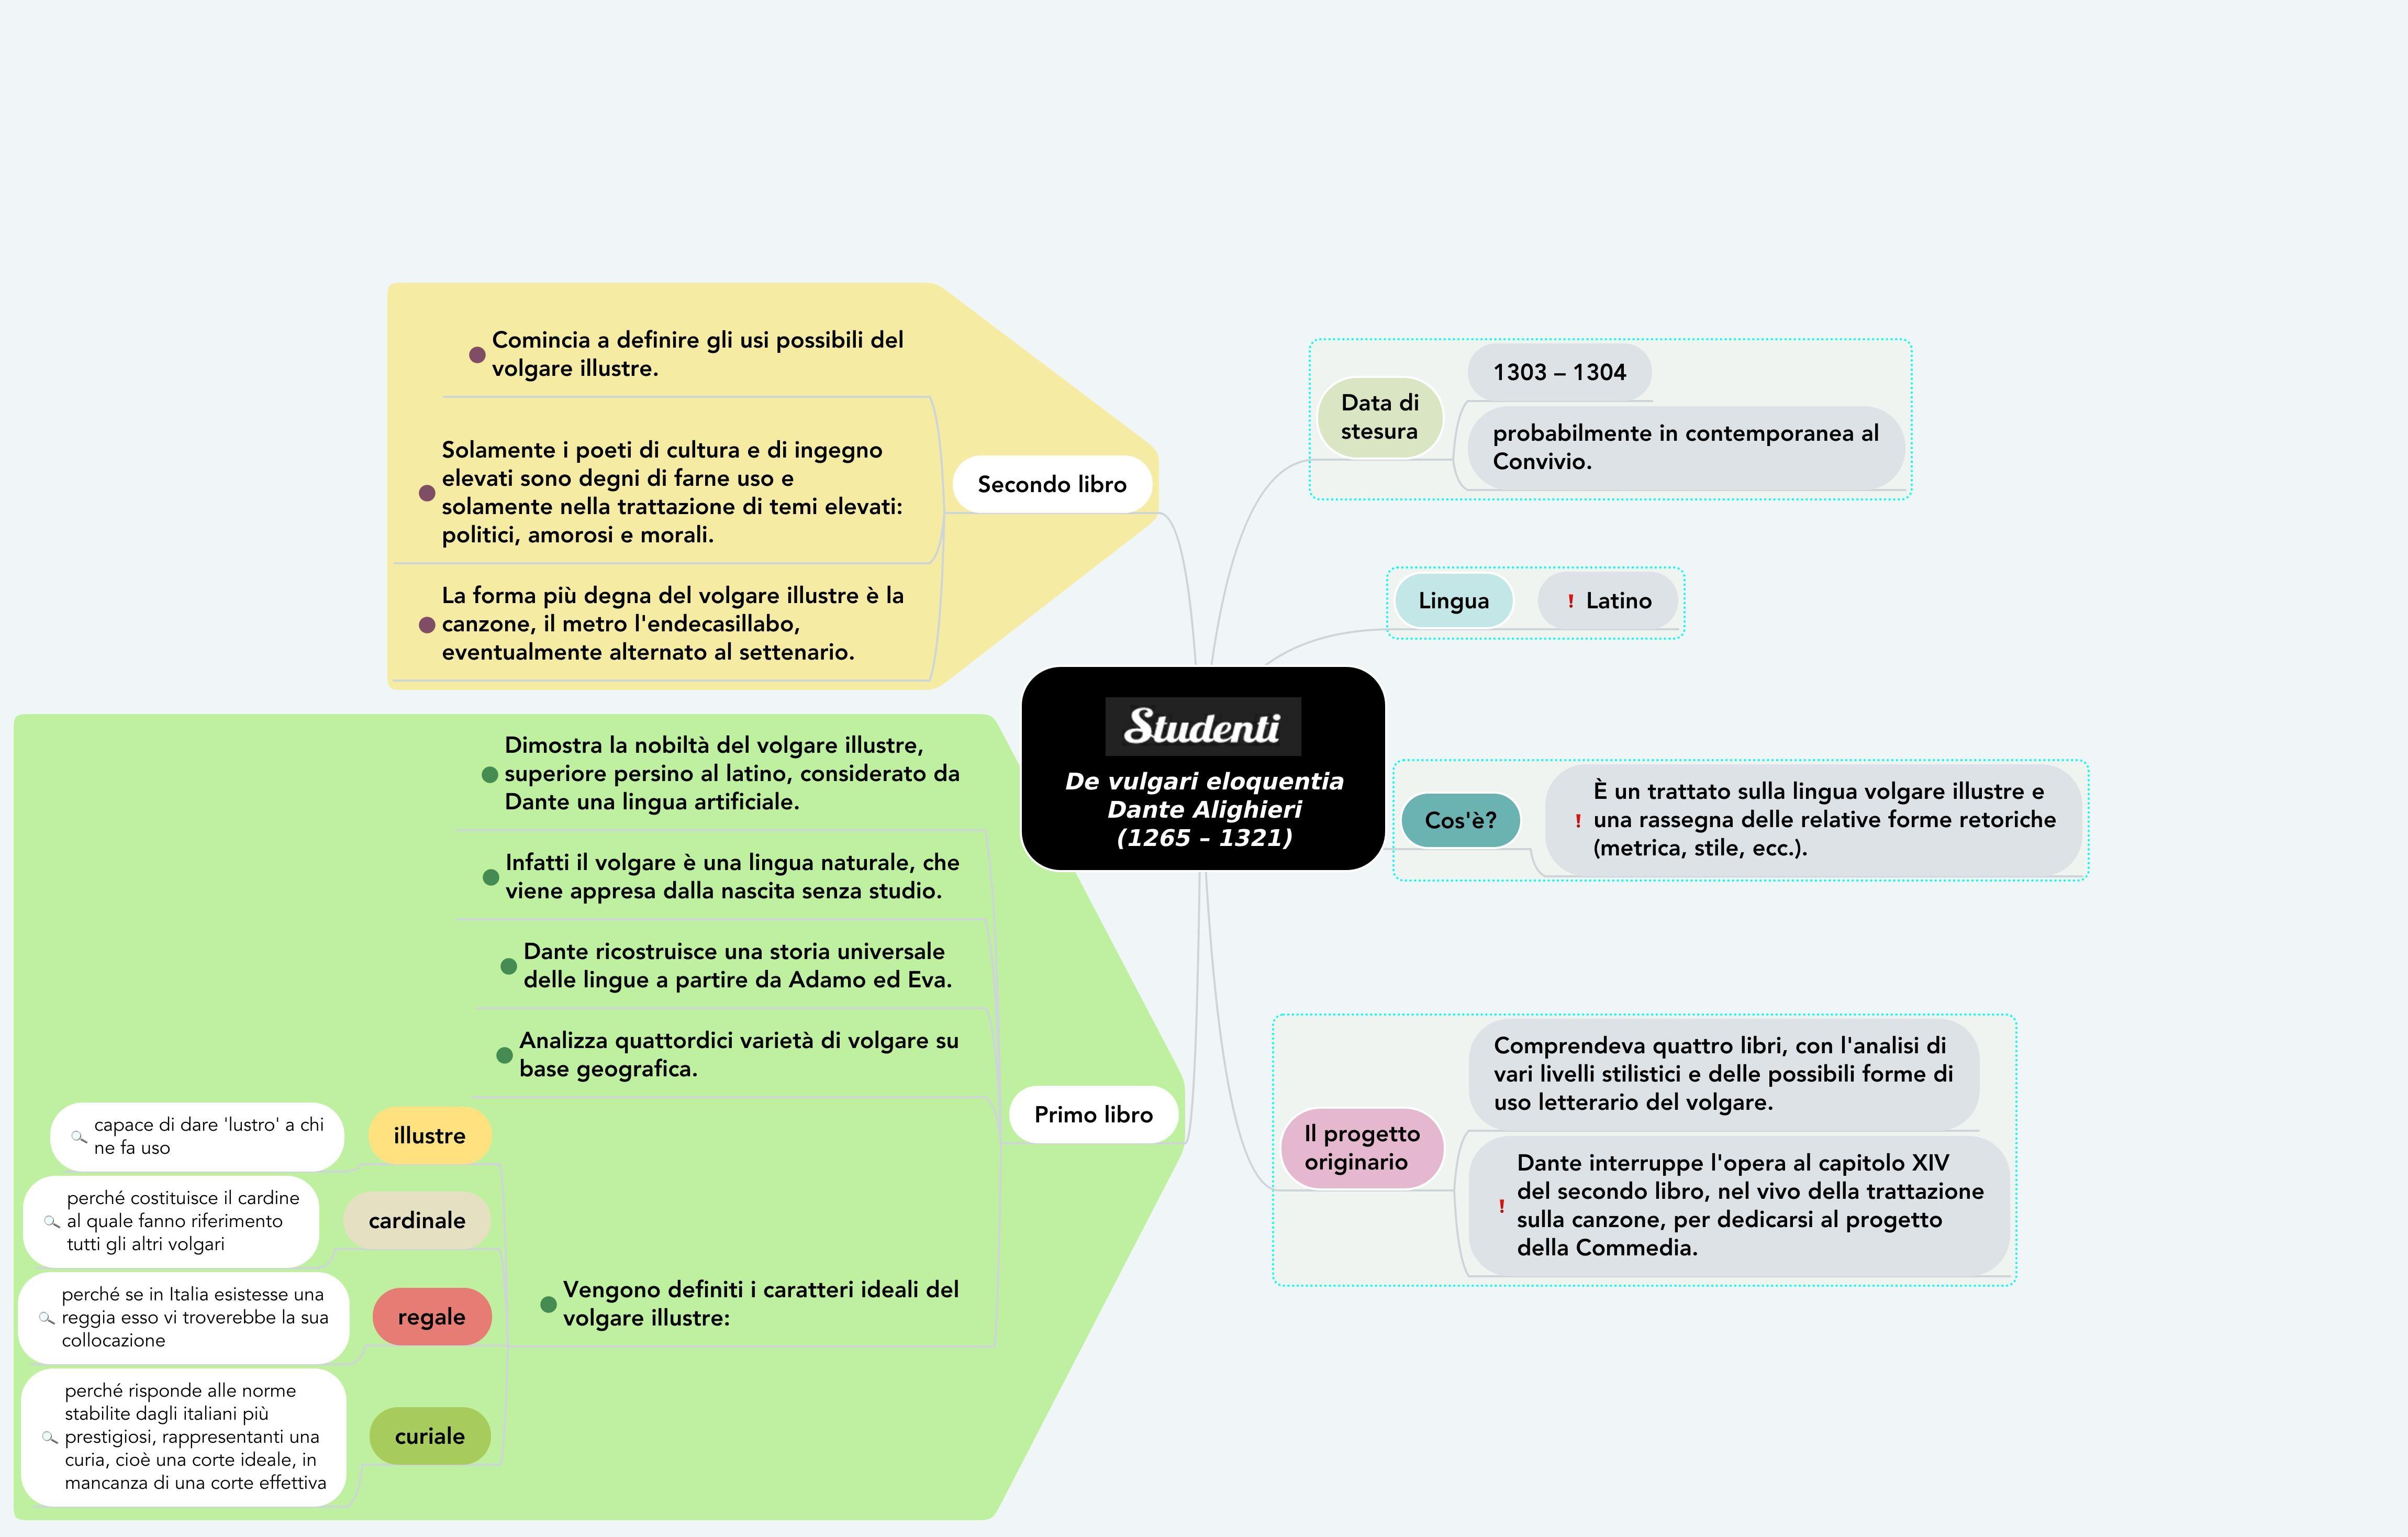 Mappa concettuale sul De vulgari eloquentia di Dante Alighieri